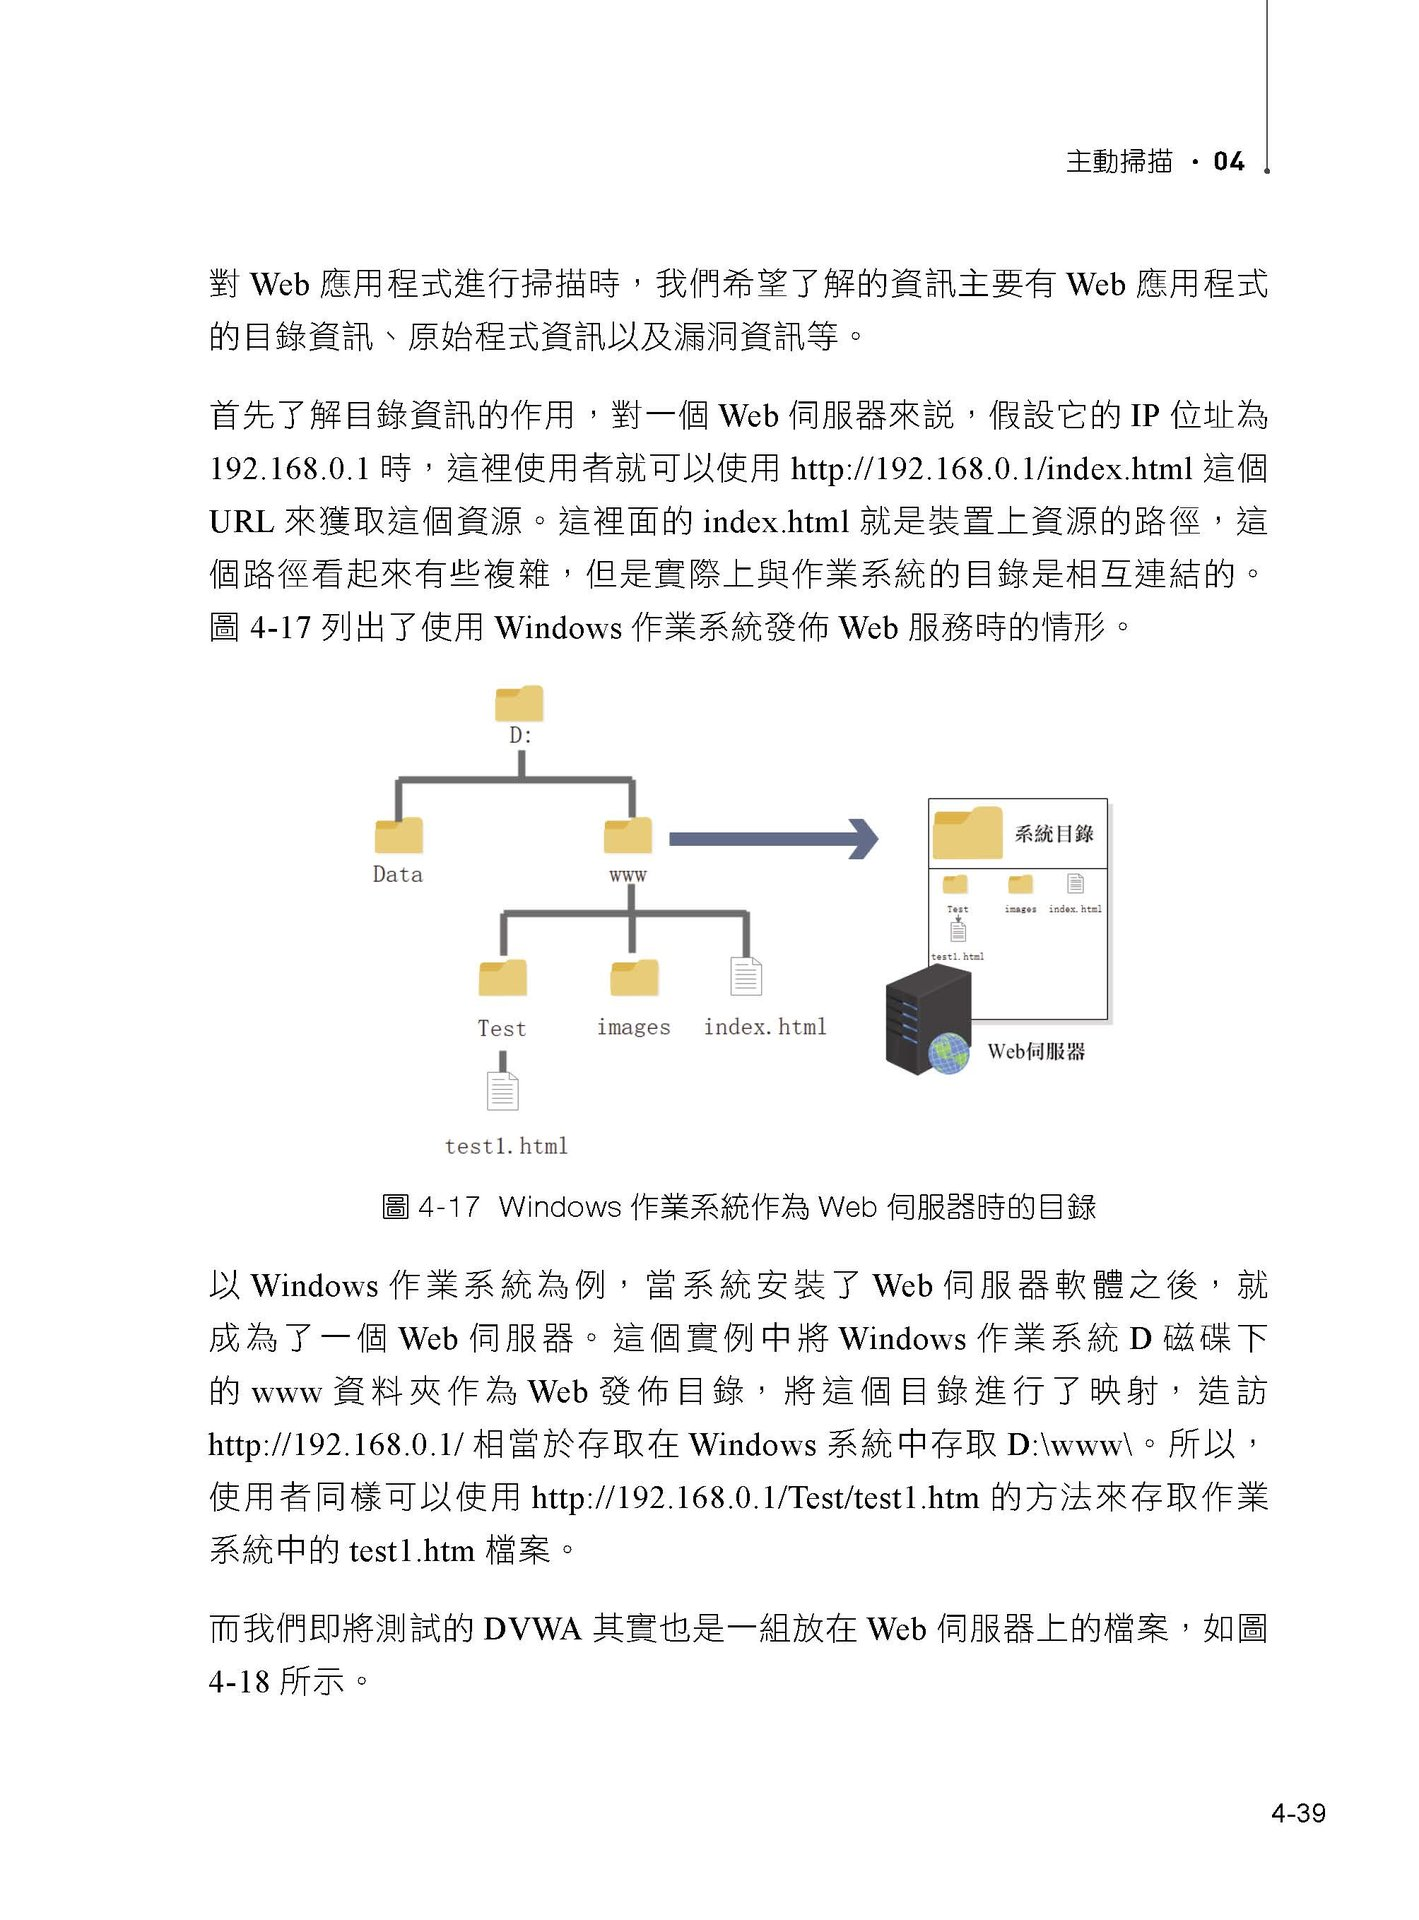 極黑駭客專用的 OS:Kali Linux2 無差別全網滲透-preview-11